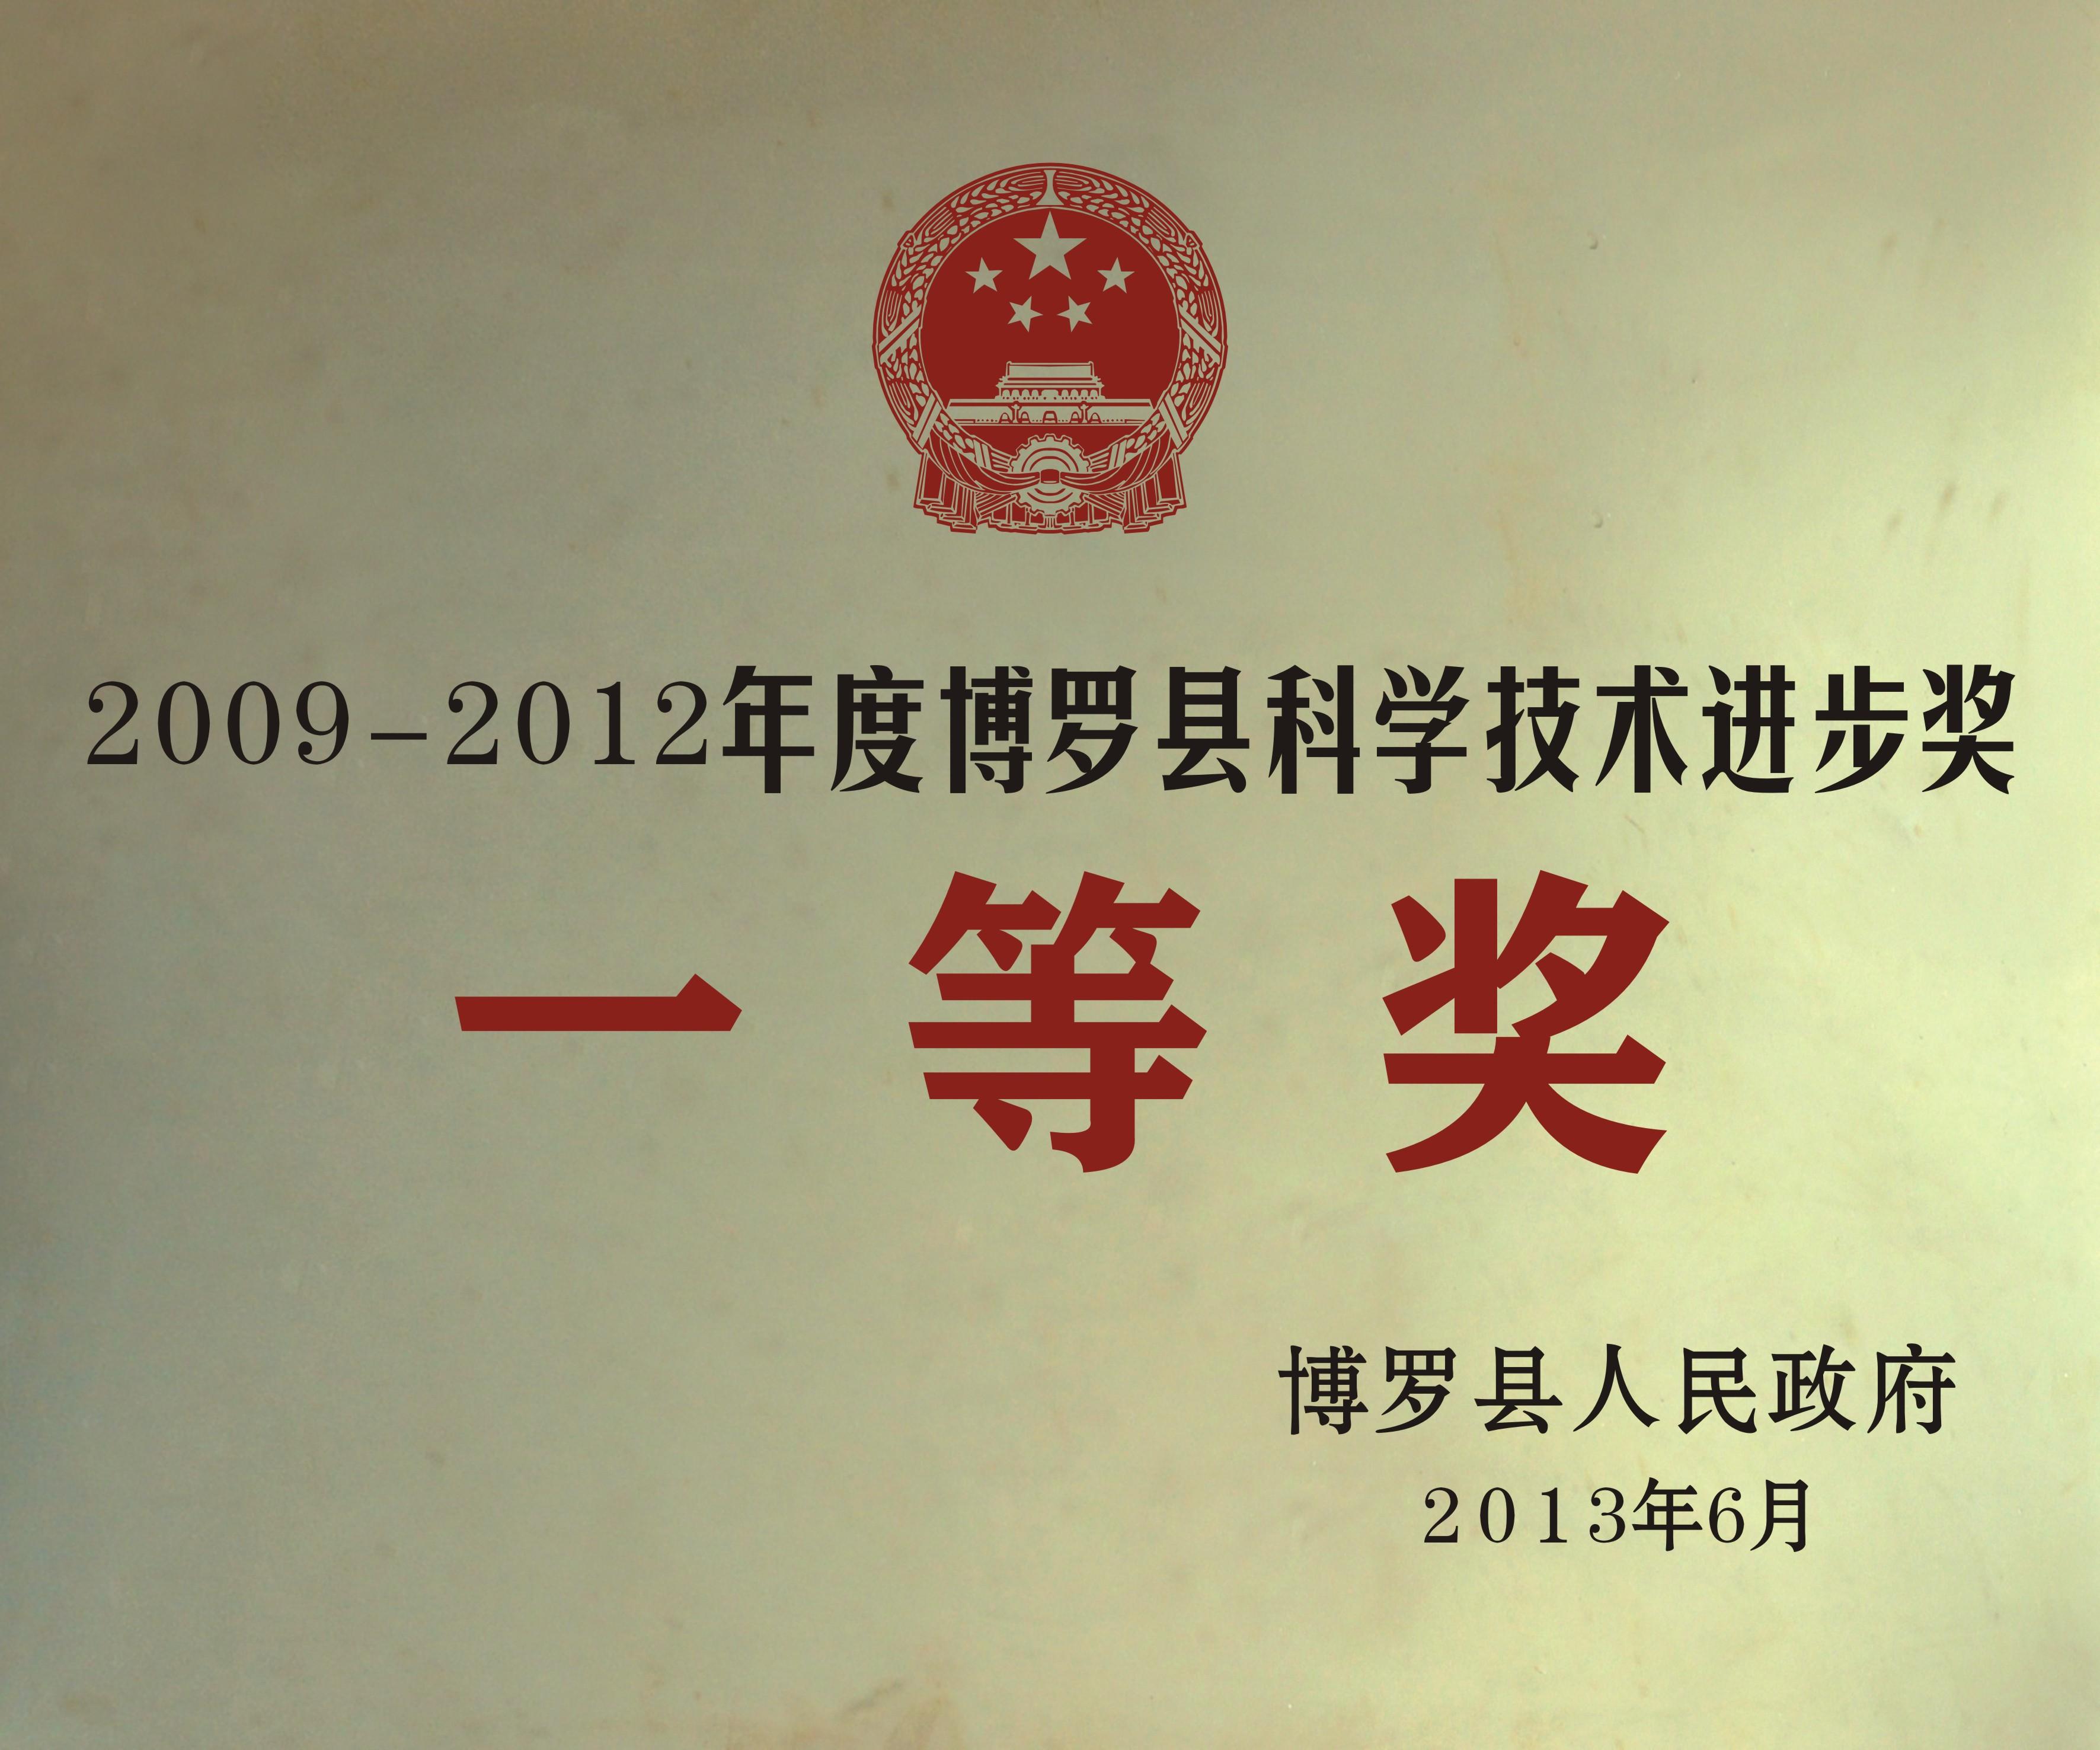 2009-2012年度博羅縣科學技術進步獎:一等獎